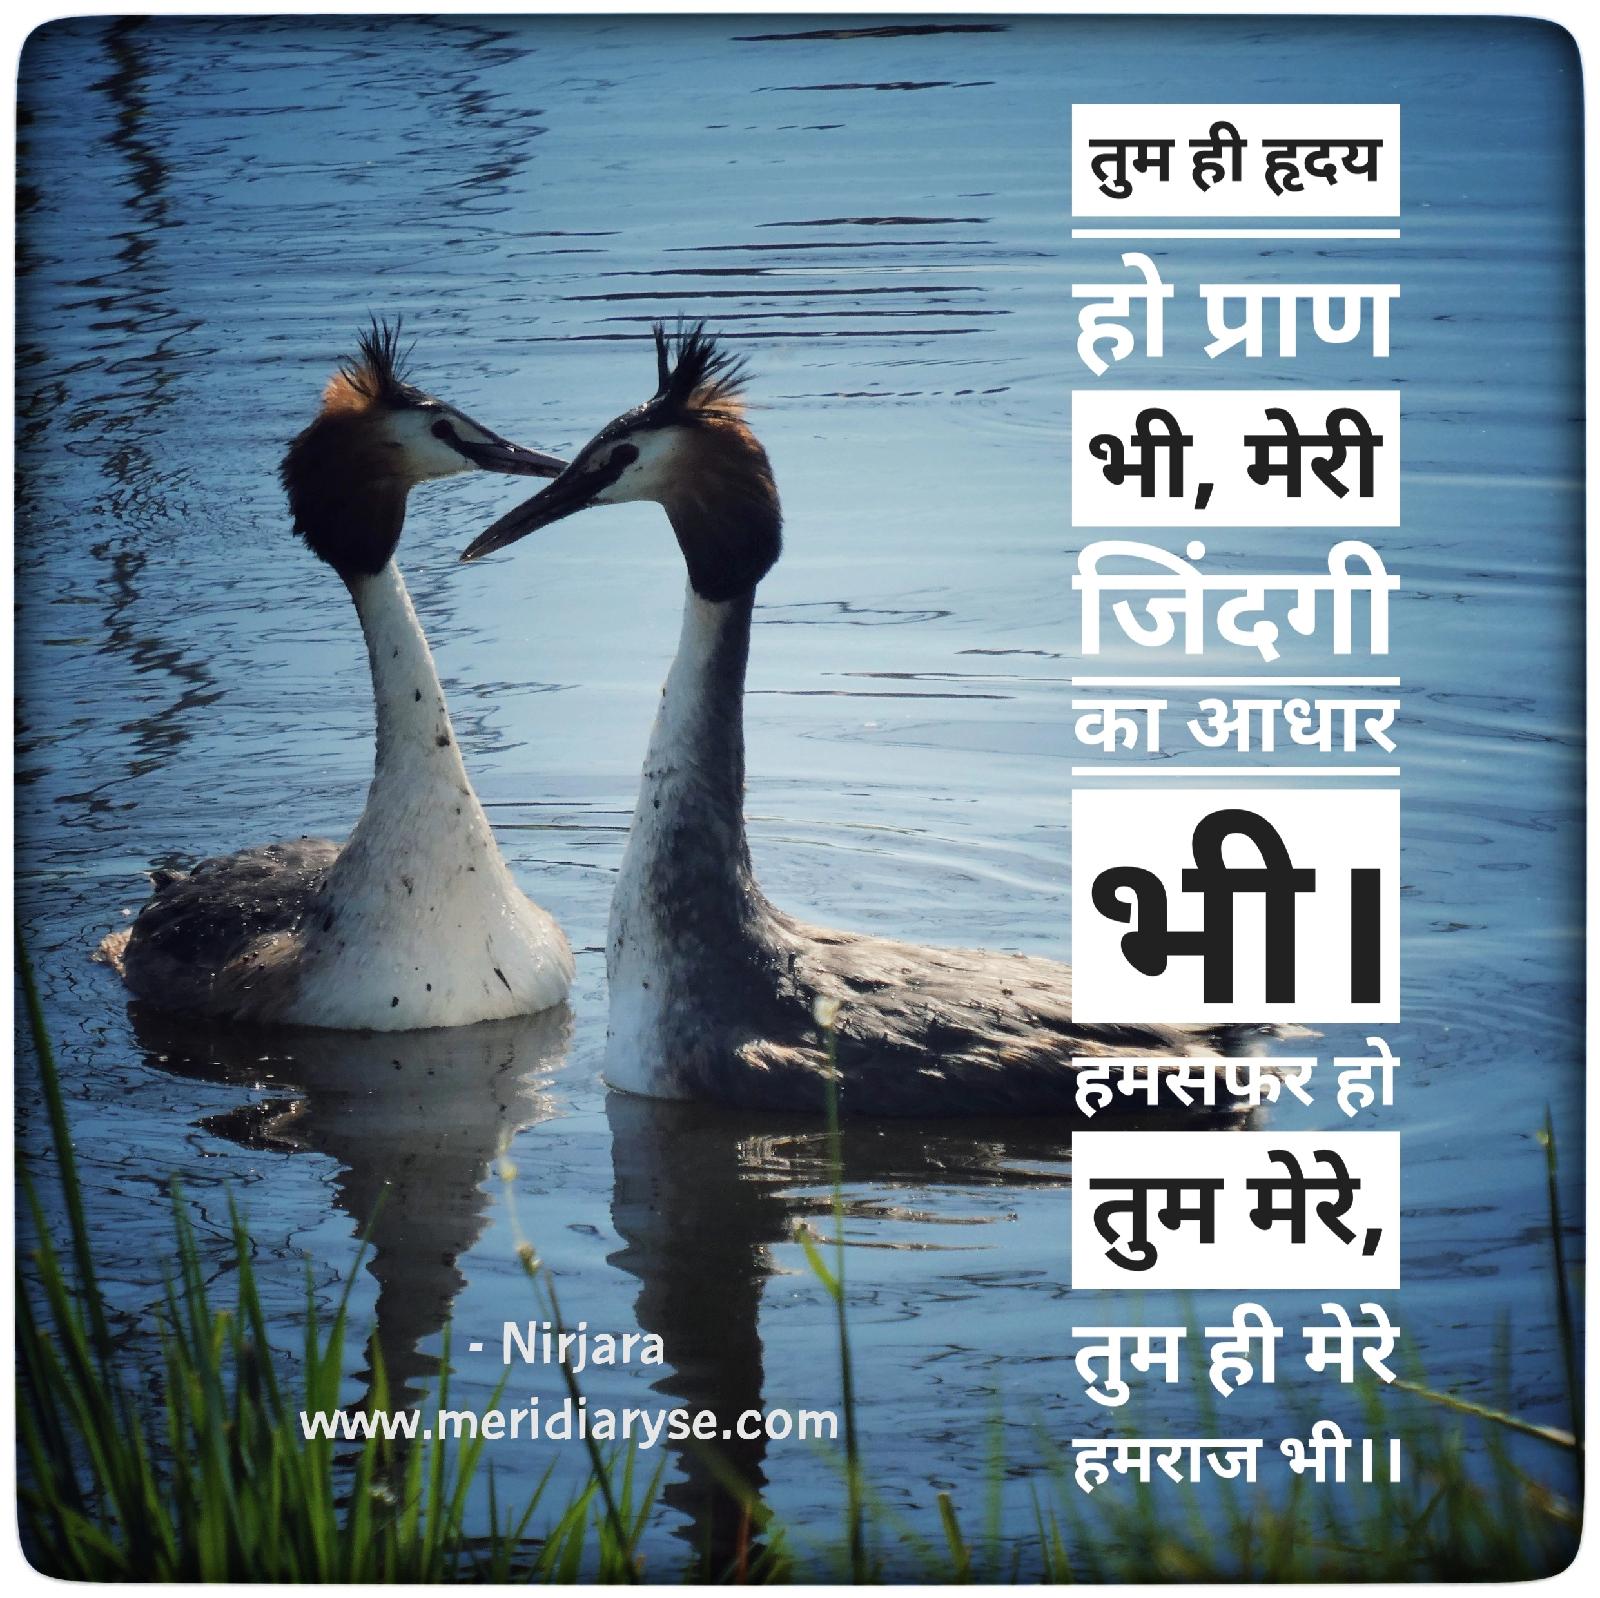 Tum hi hriday ho pran bhi, Meri zindagi ka aadhar bhi.